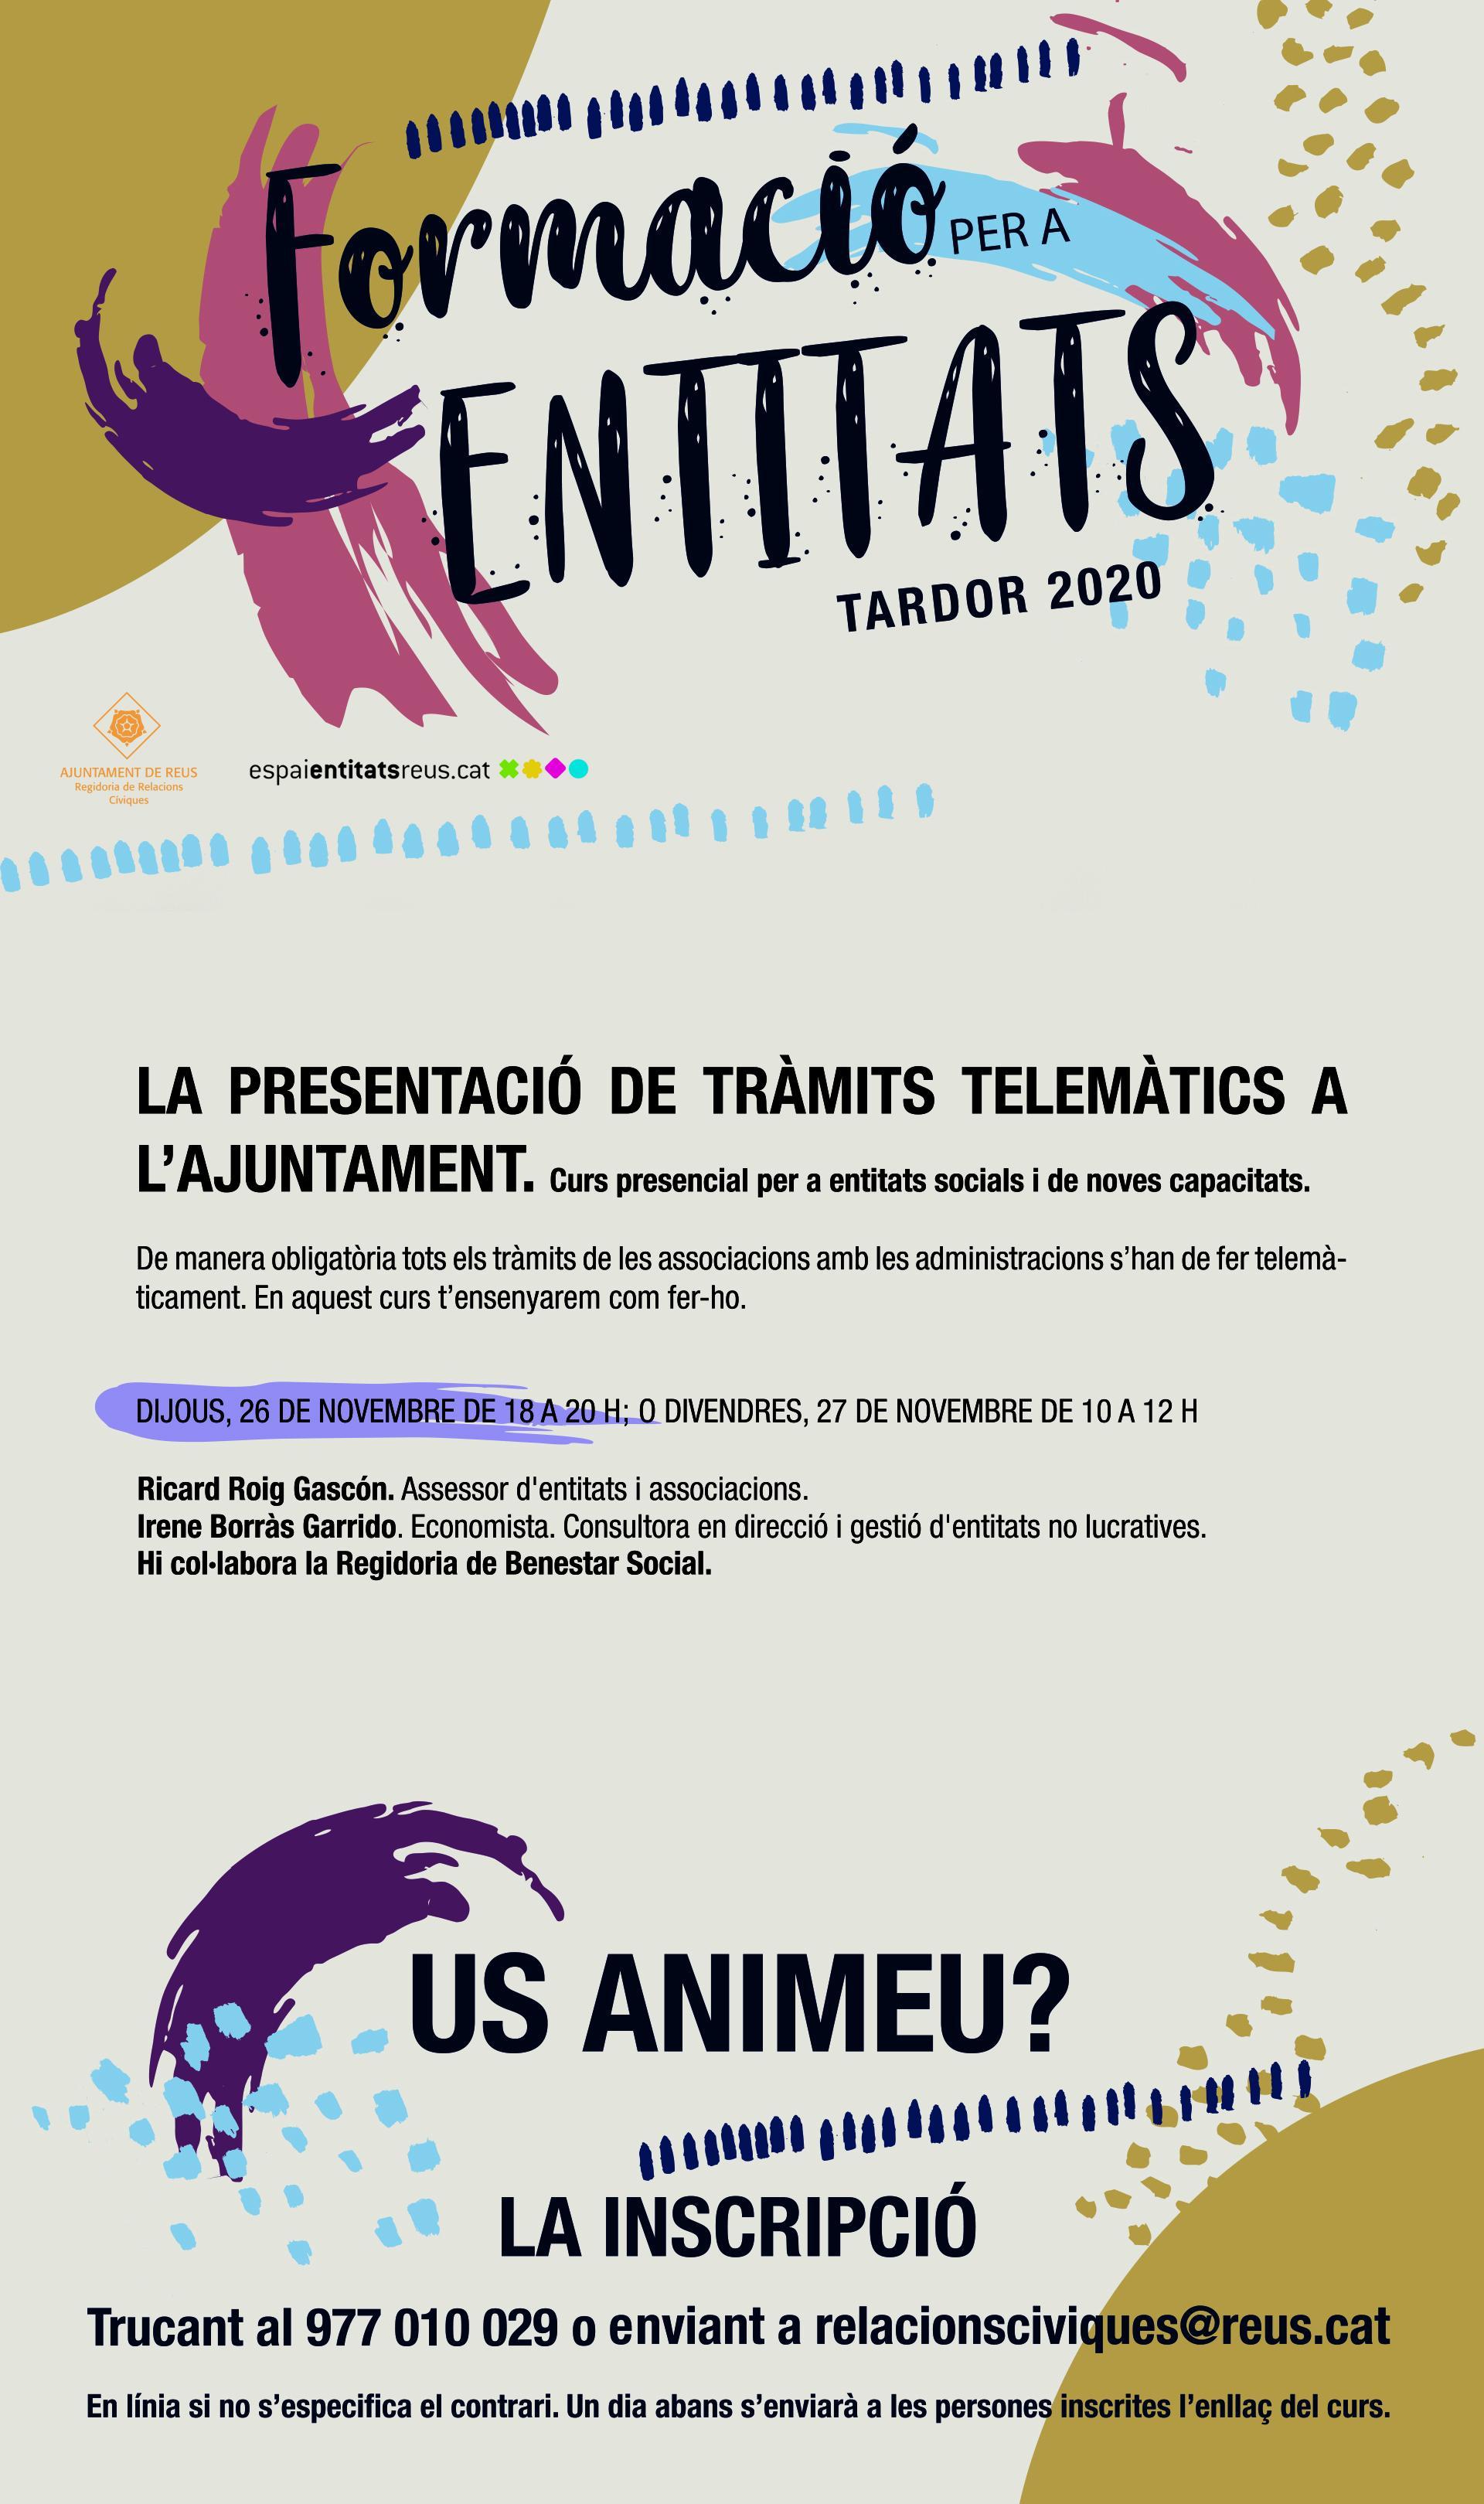 LA PRESENTACIÓ DE TRÀMITS TELEMÀTICS A L'AJUNTAMENT